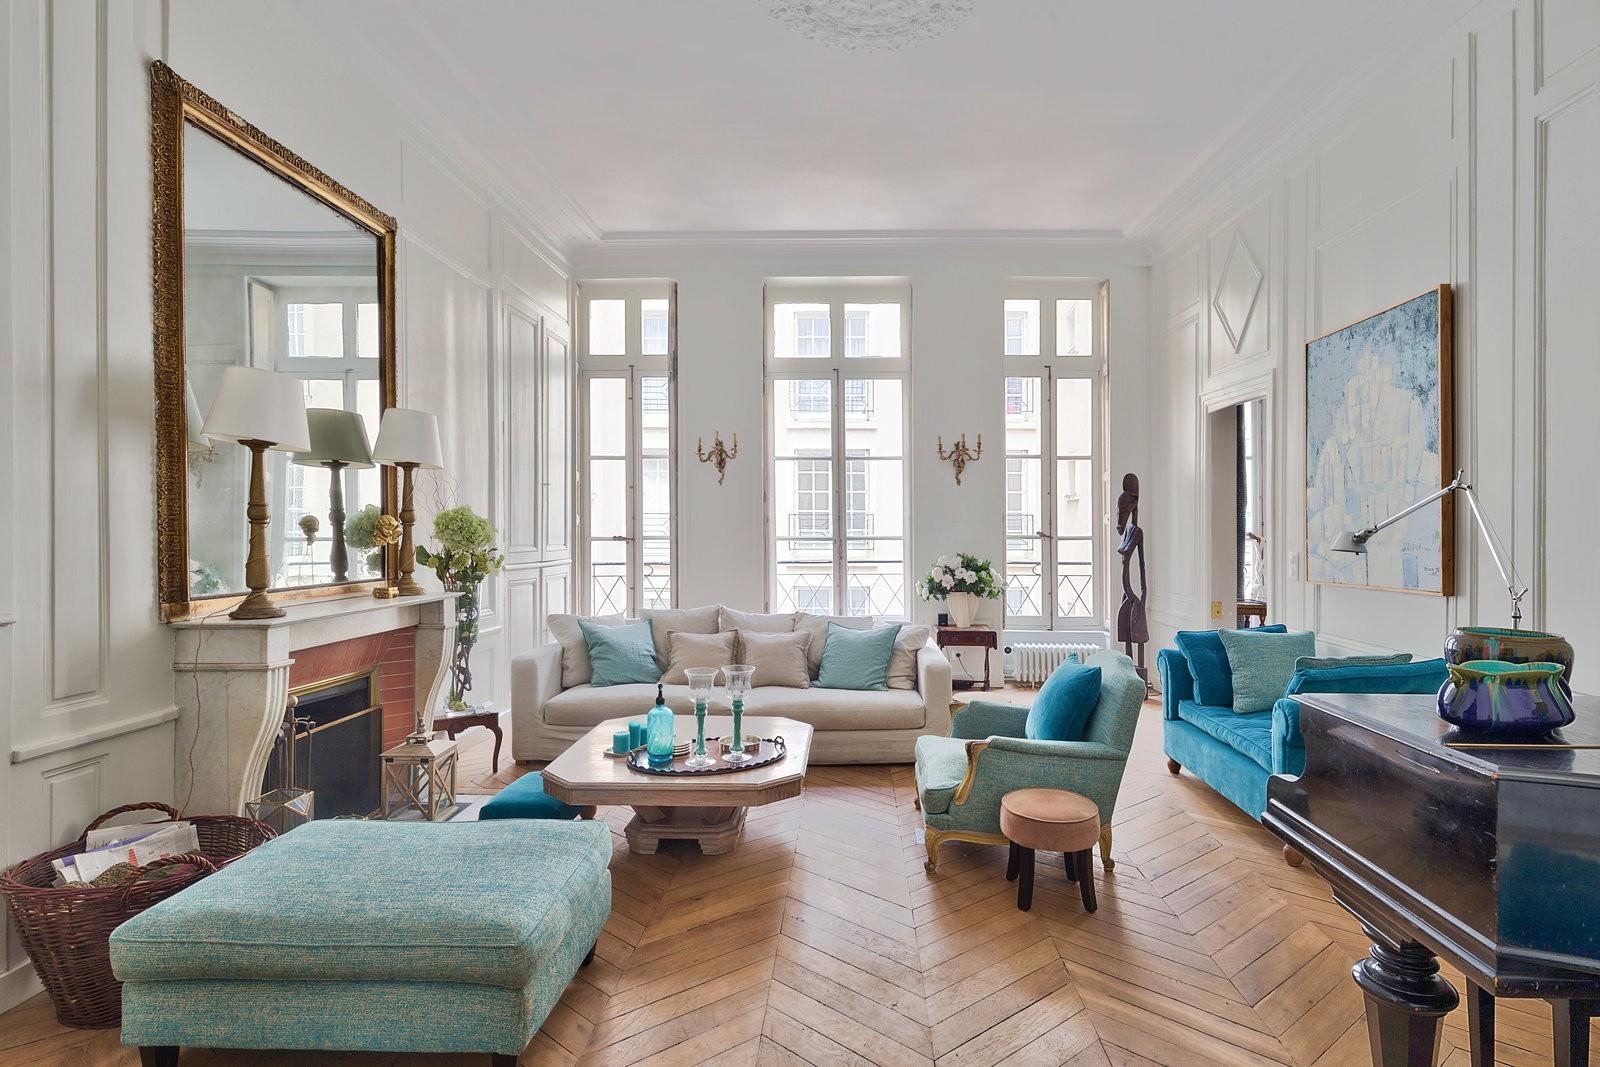 Grand salon avec 3 canapés dans les tons blanc et bleu. Dans le coin du salon, se trouve un piano.